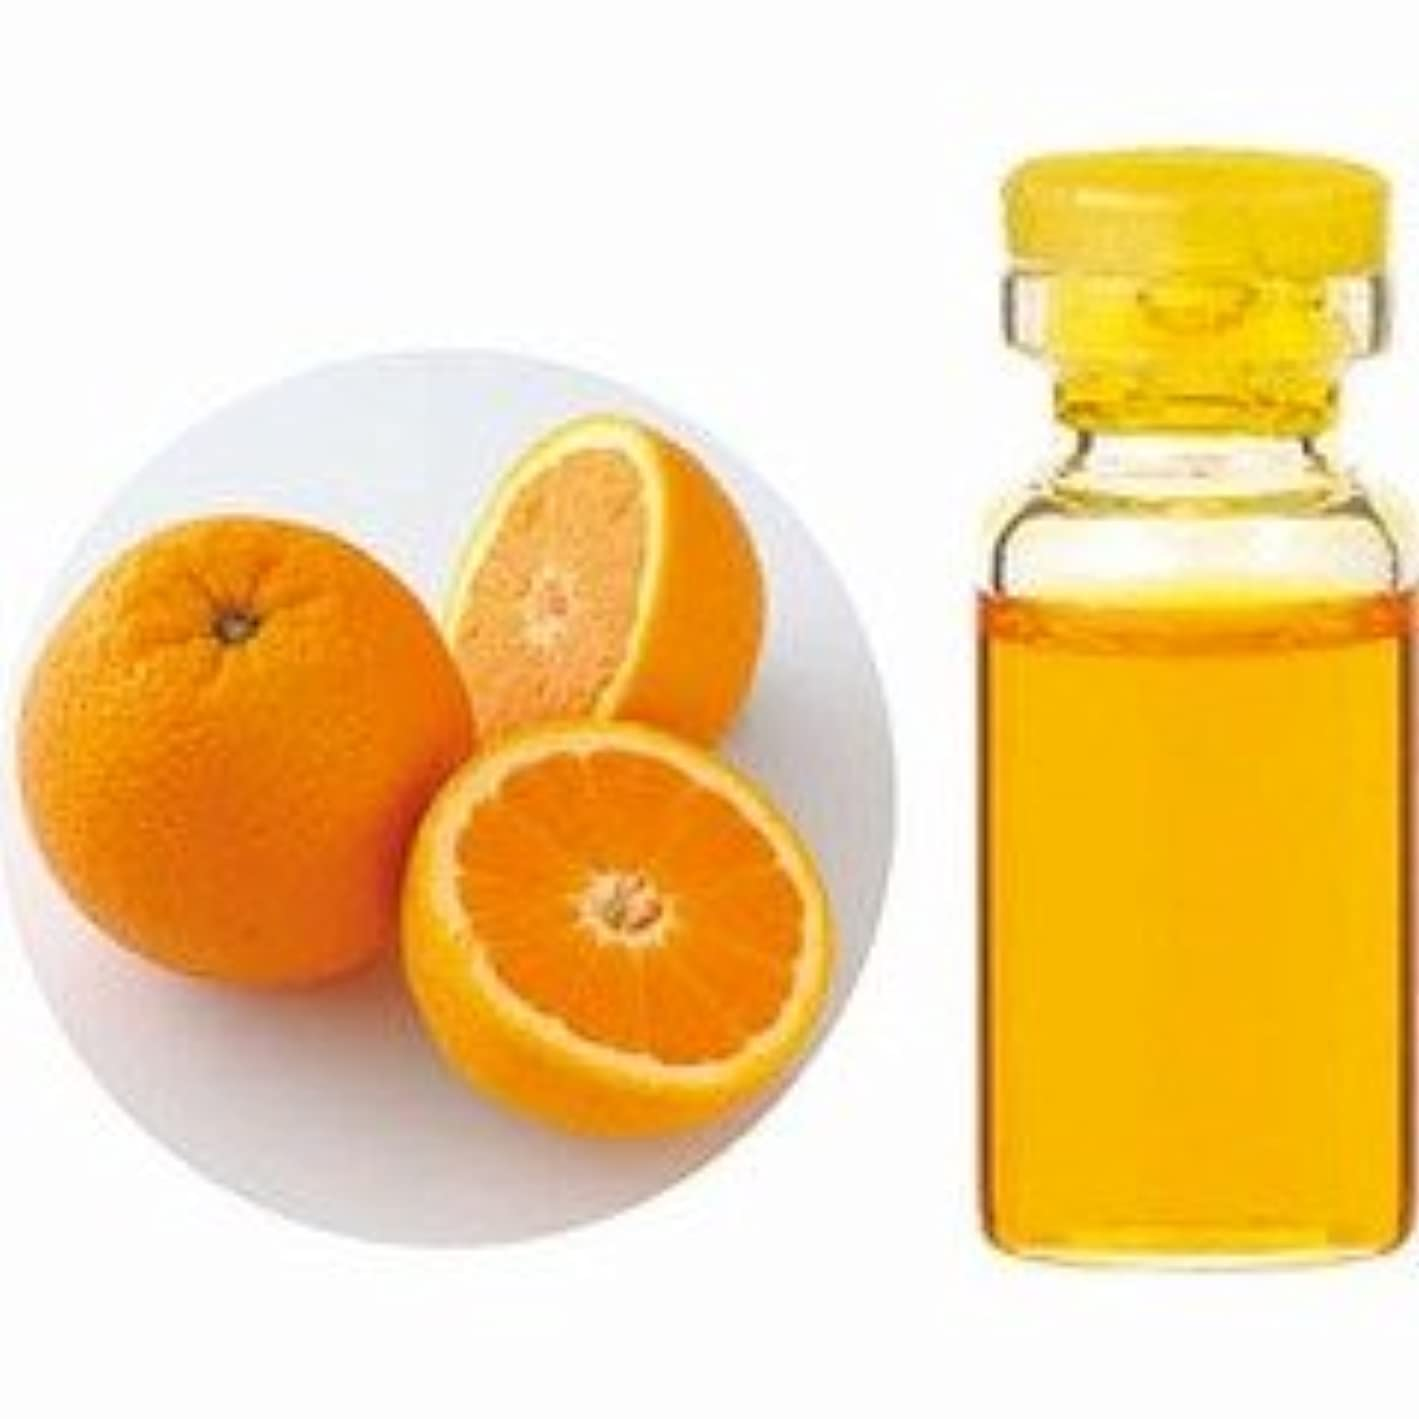 持続するスツール飢エッセンシャルオイル(精油) オレンジスイート 10ml 【生活の木】